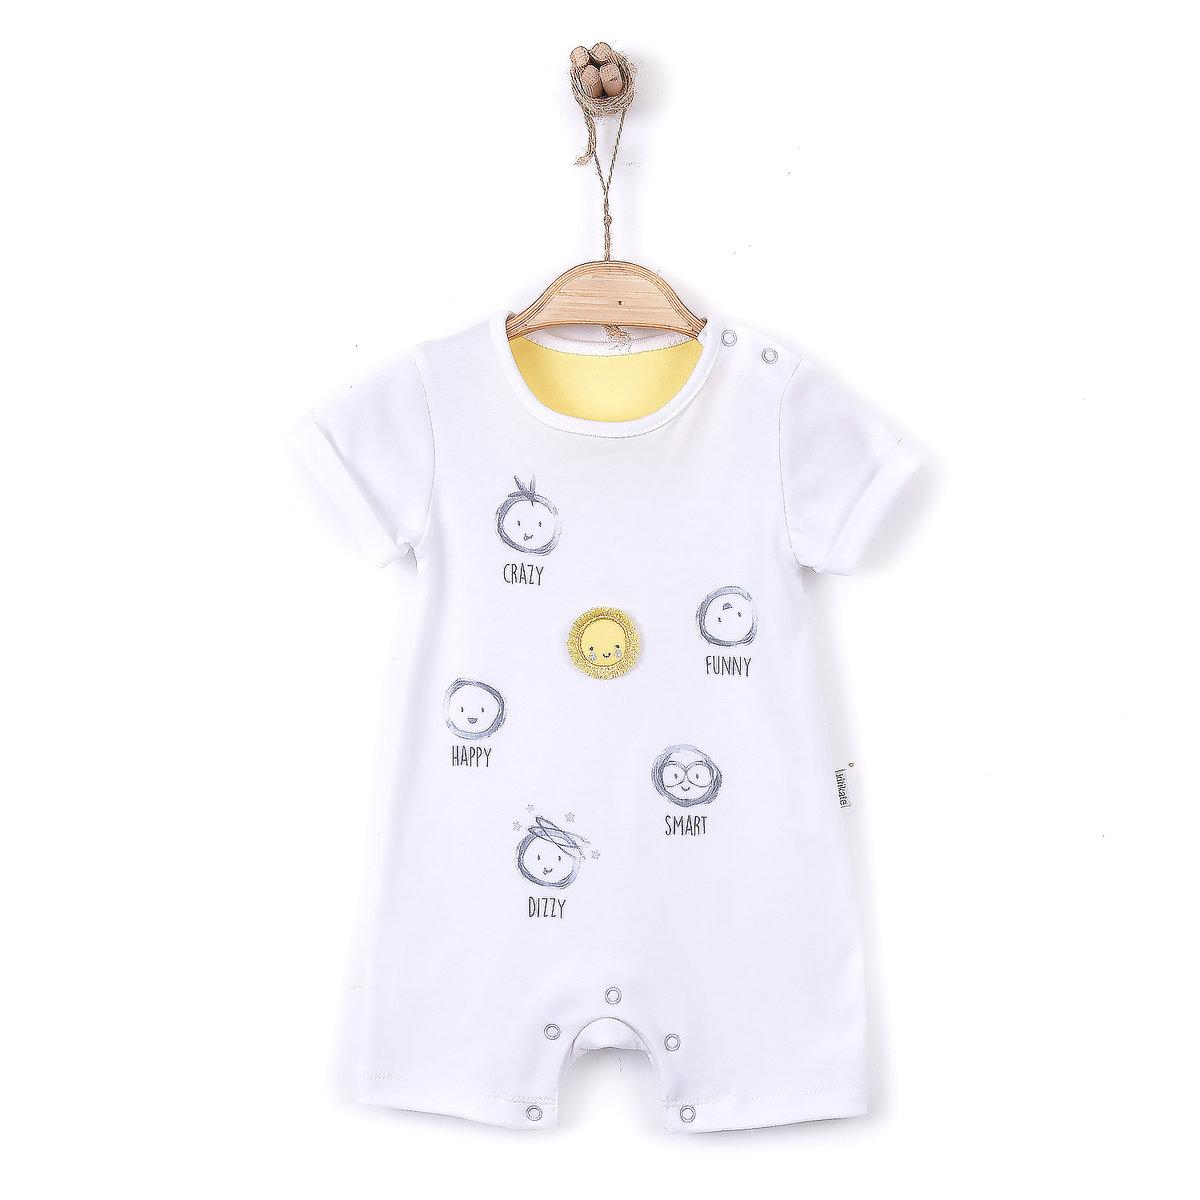 有機棉印花短袖連身衣 (SORTTULUM)-1-3M